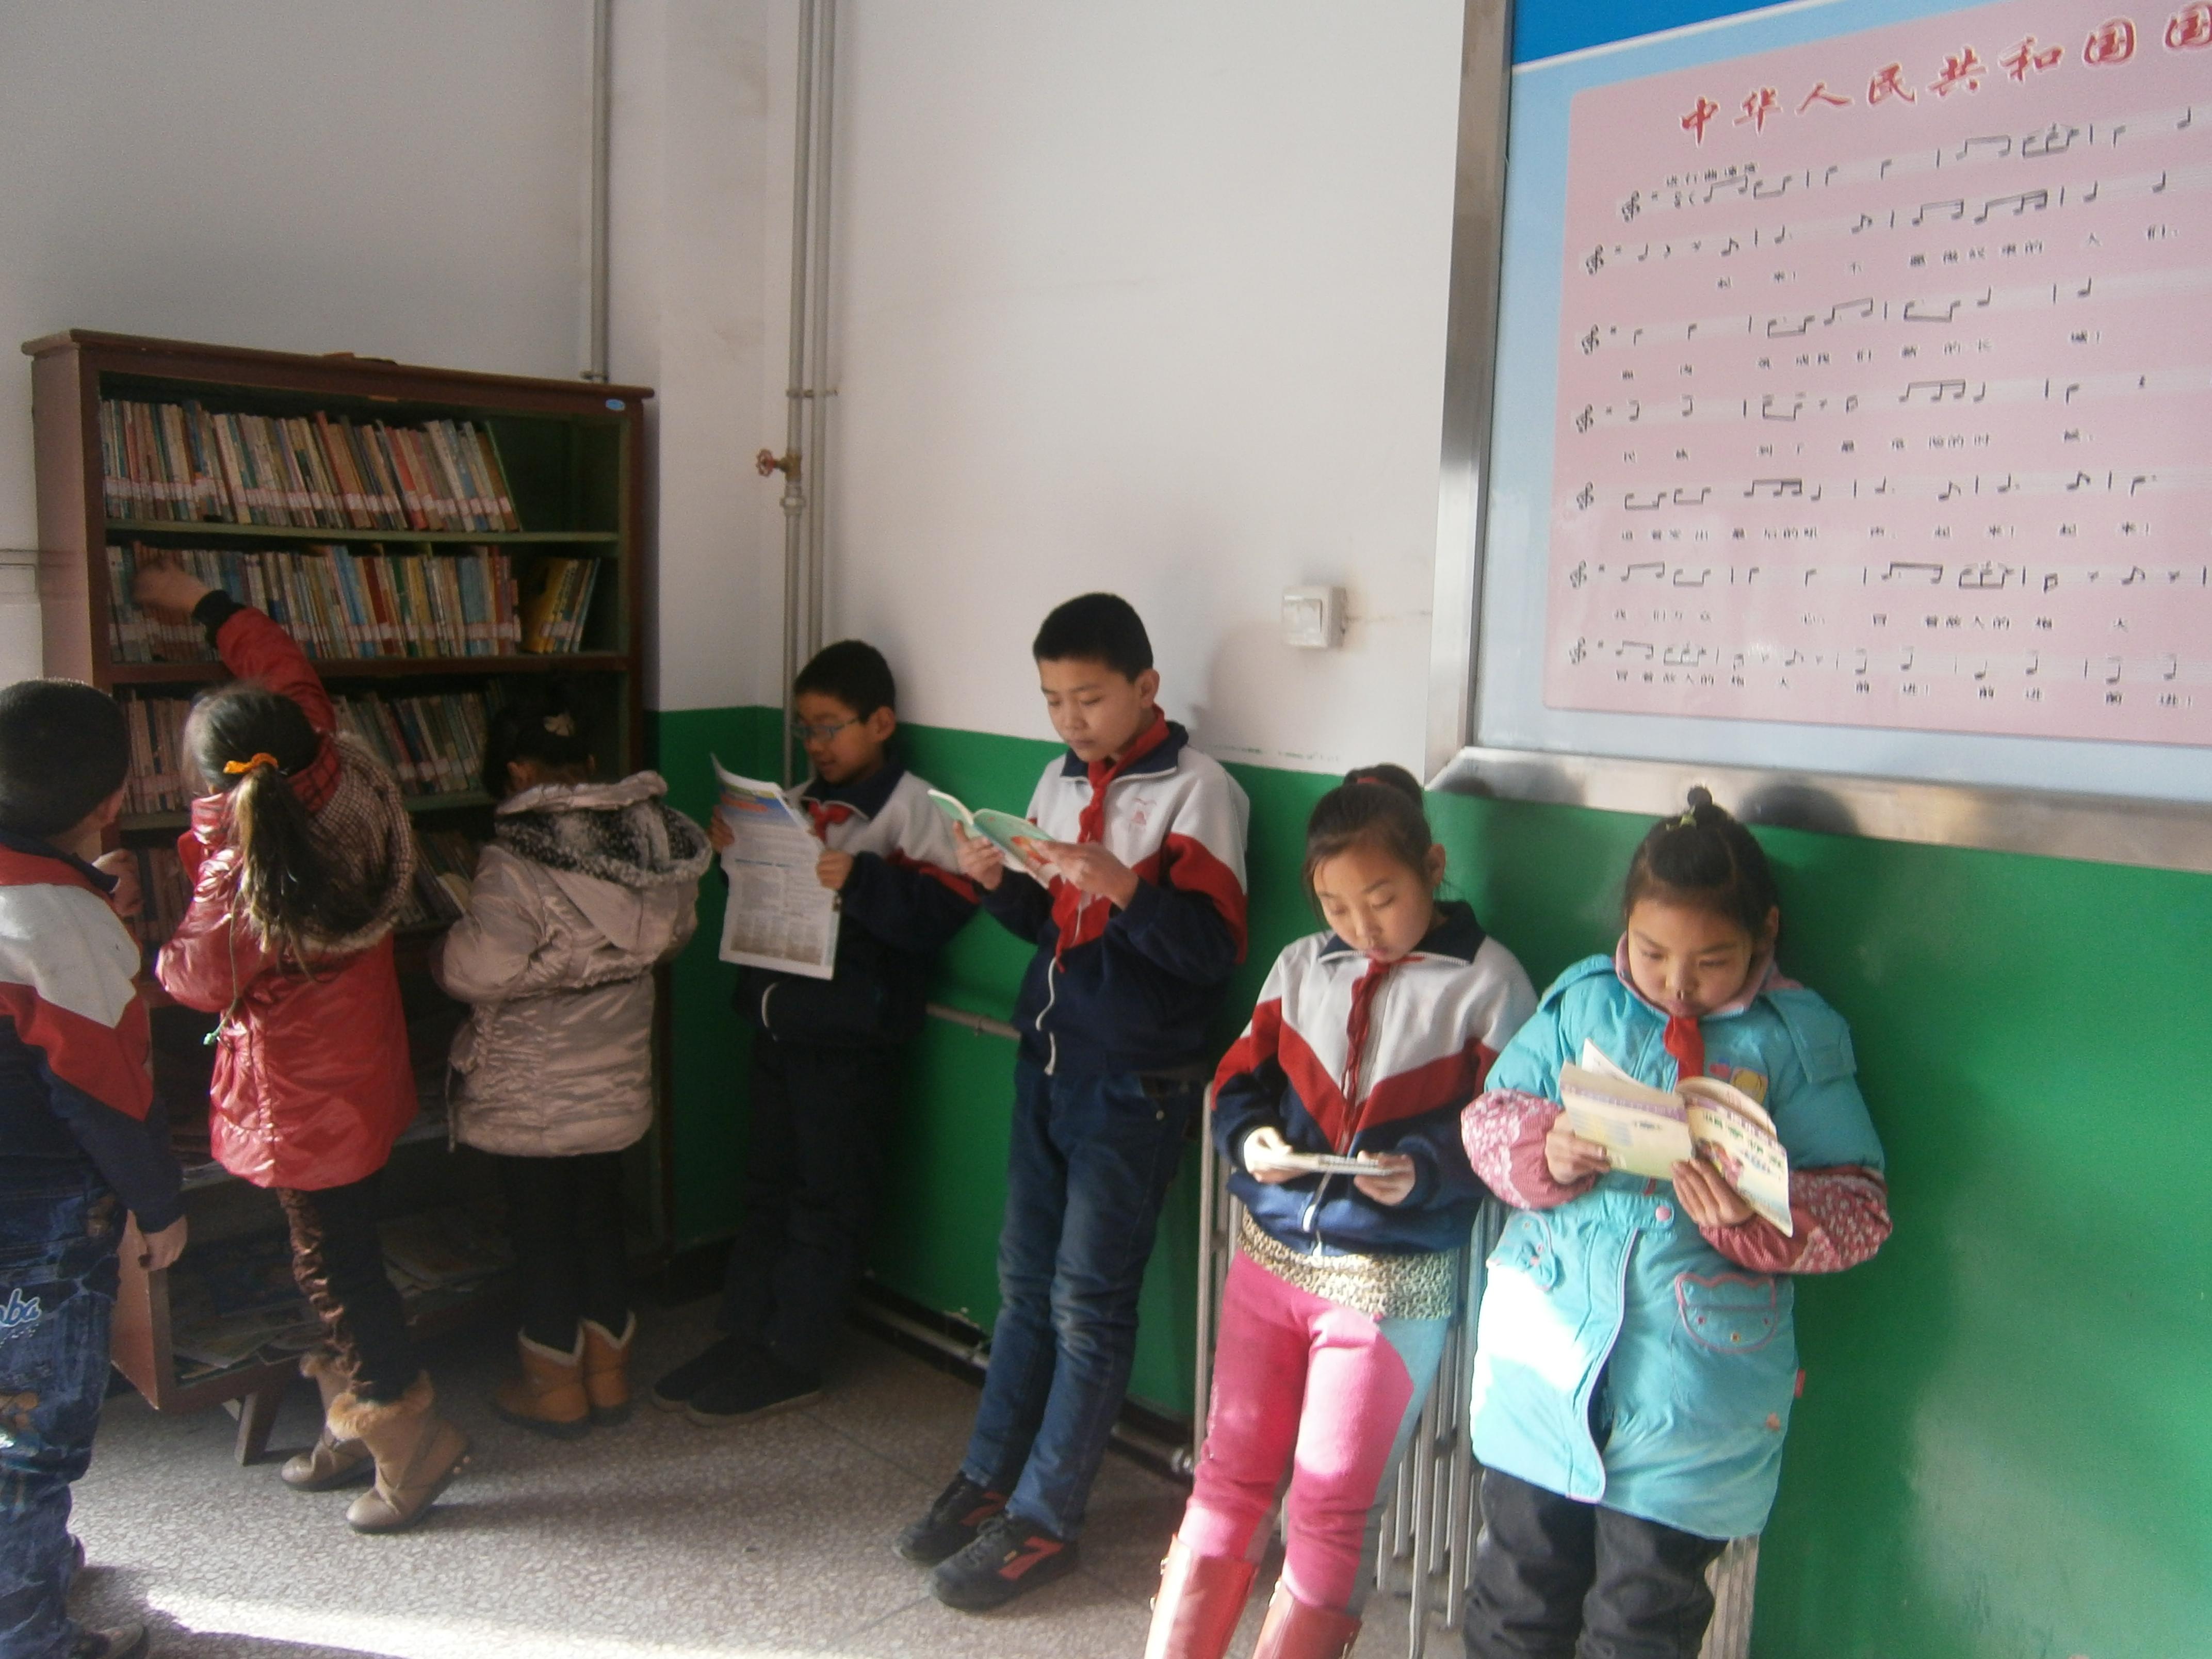 沧州市青县城里中心小学'快乐的课间十分钟' -